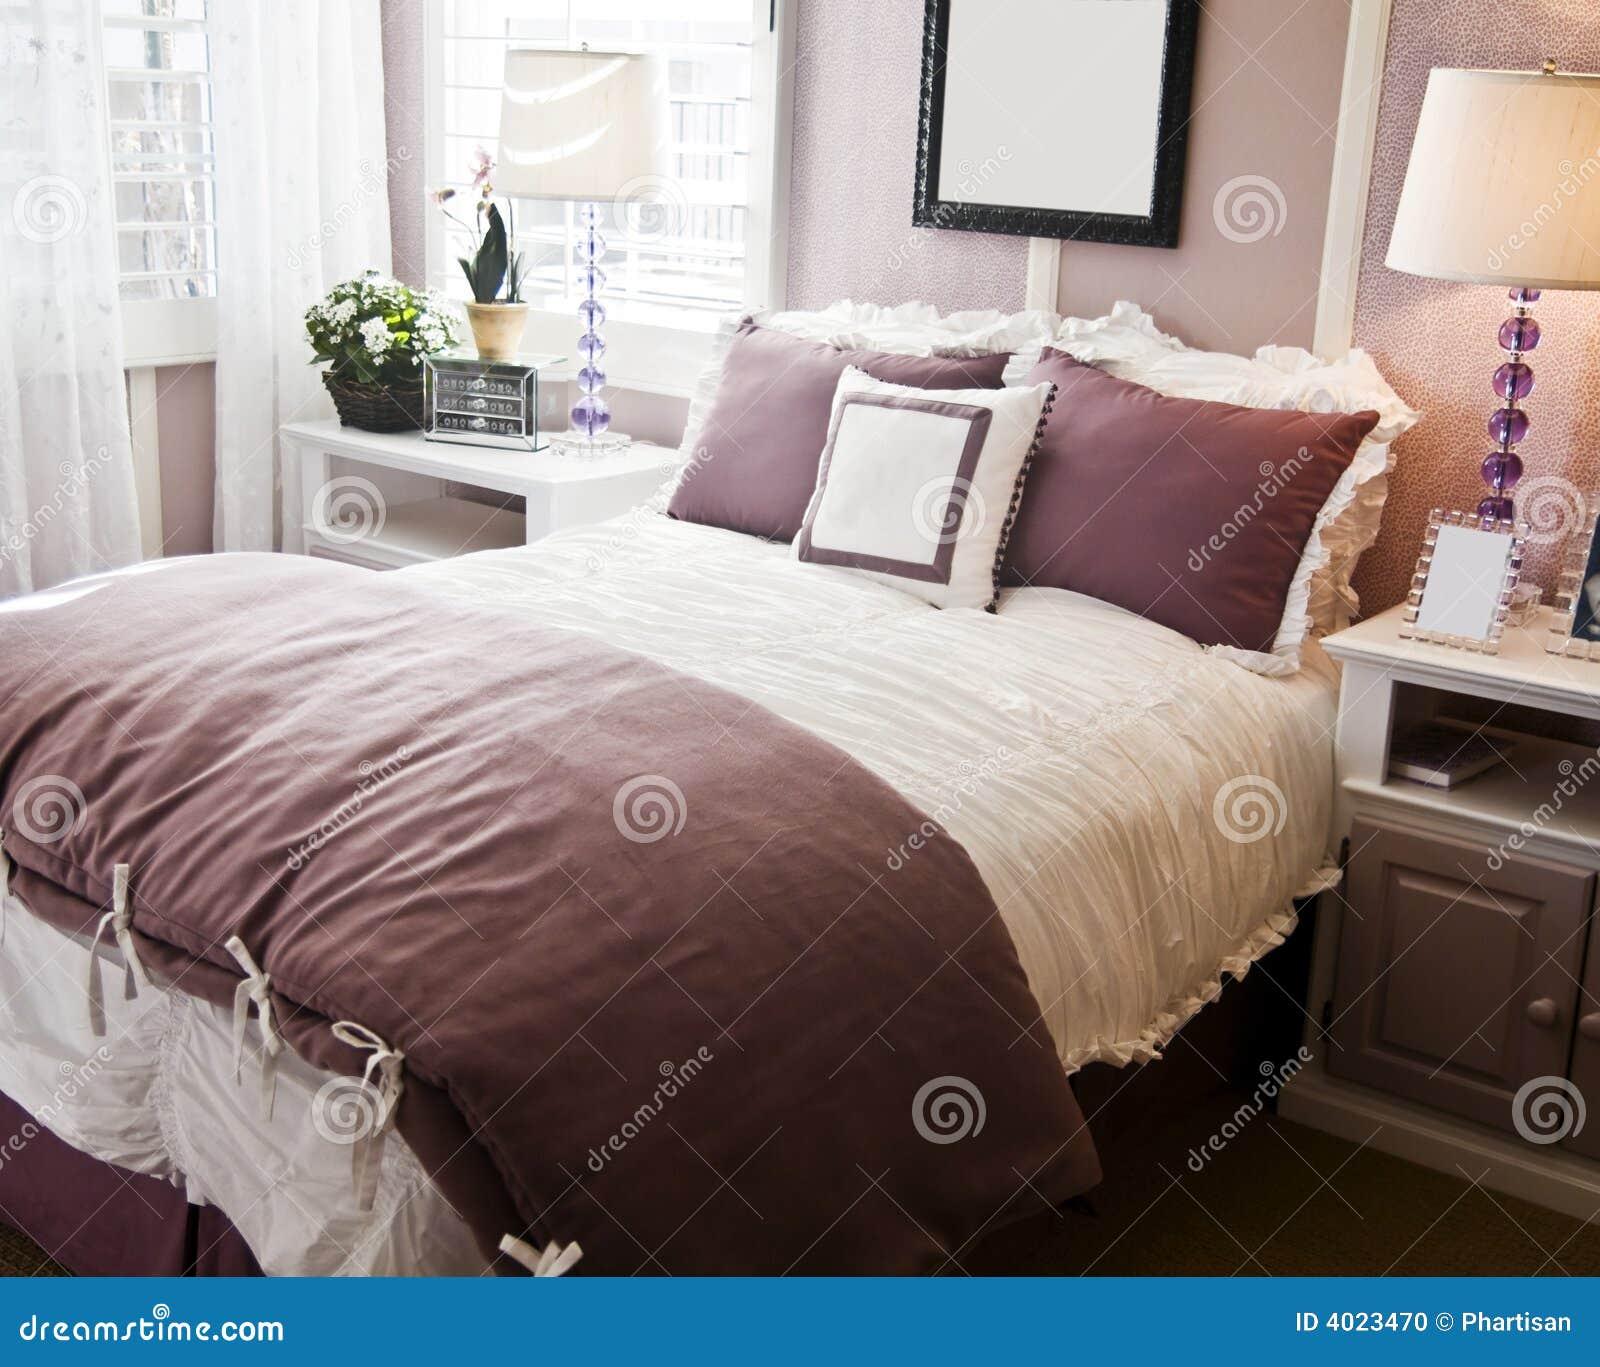 stilvolles schlafzimmer innenarchitektur stockfoto bild. Black Bedroom Furniture Sets. Home Design Ideas